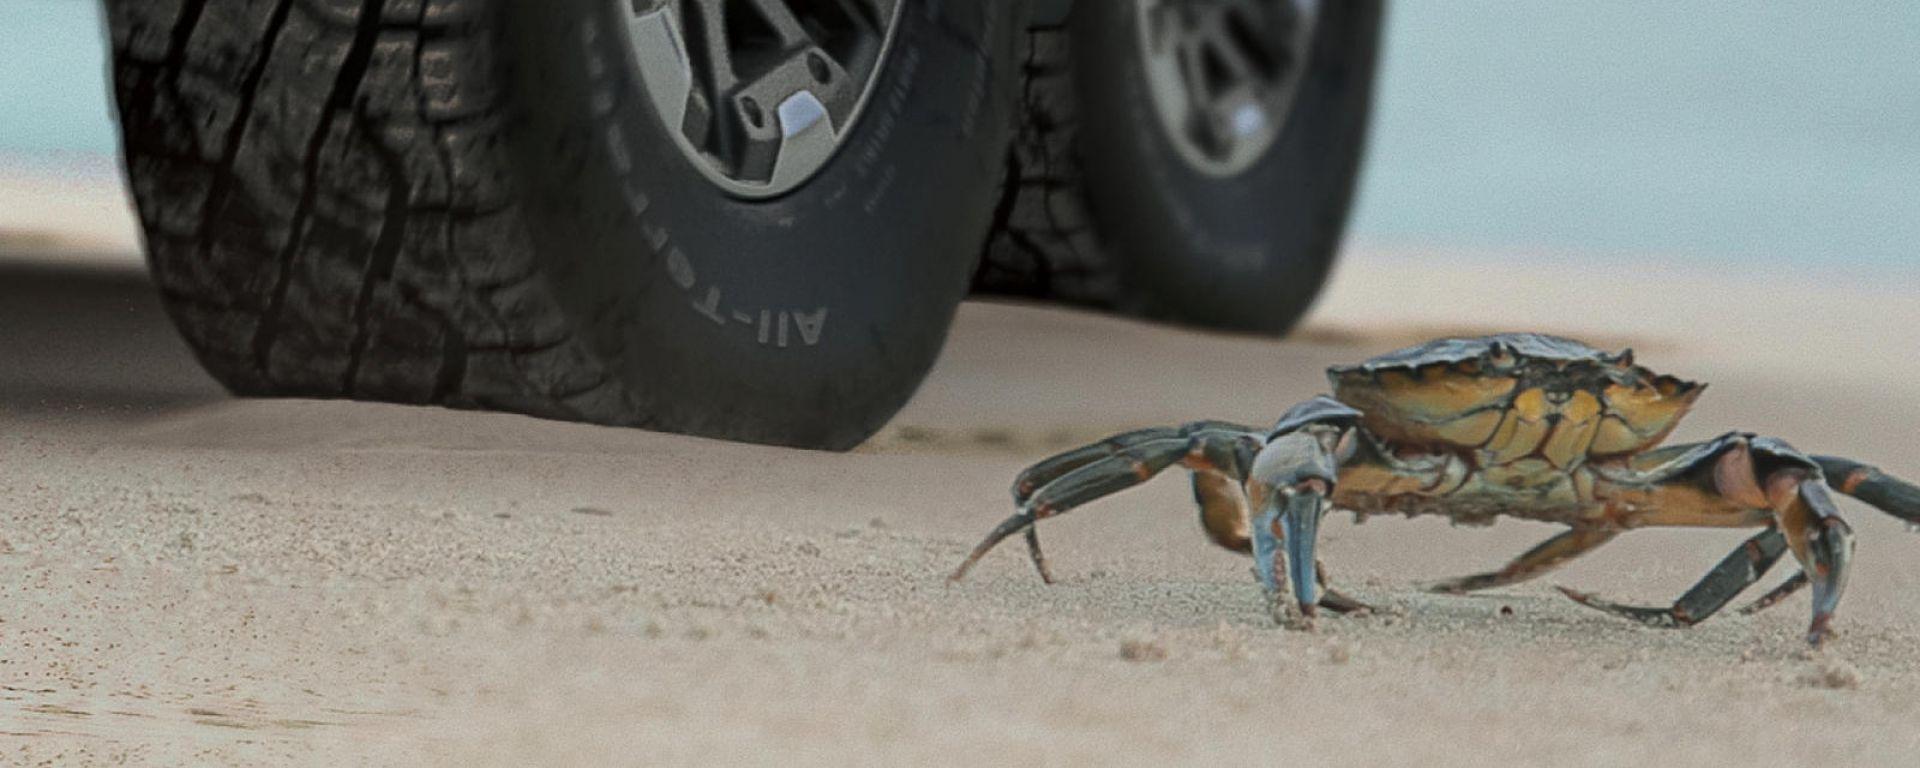 Nuovo Hummer EV, la mossa segreta è il passo del granchio [VIDEO]